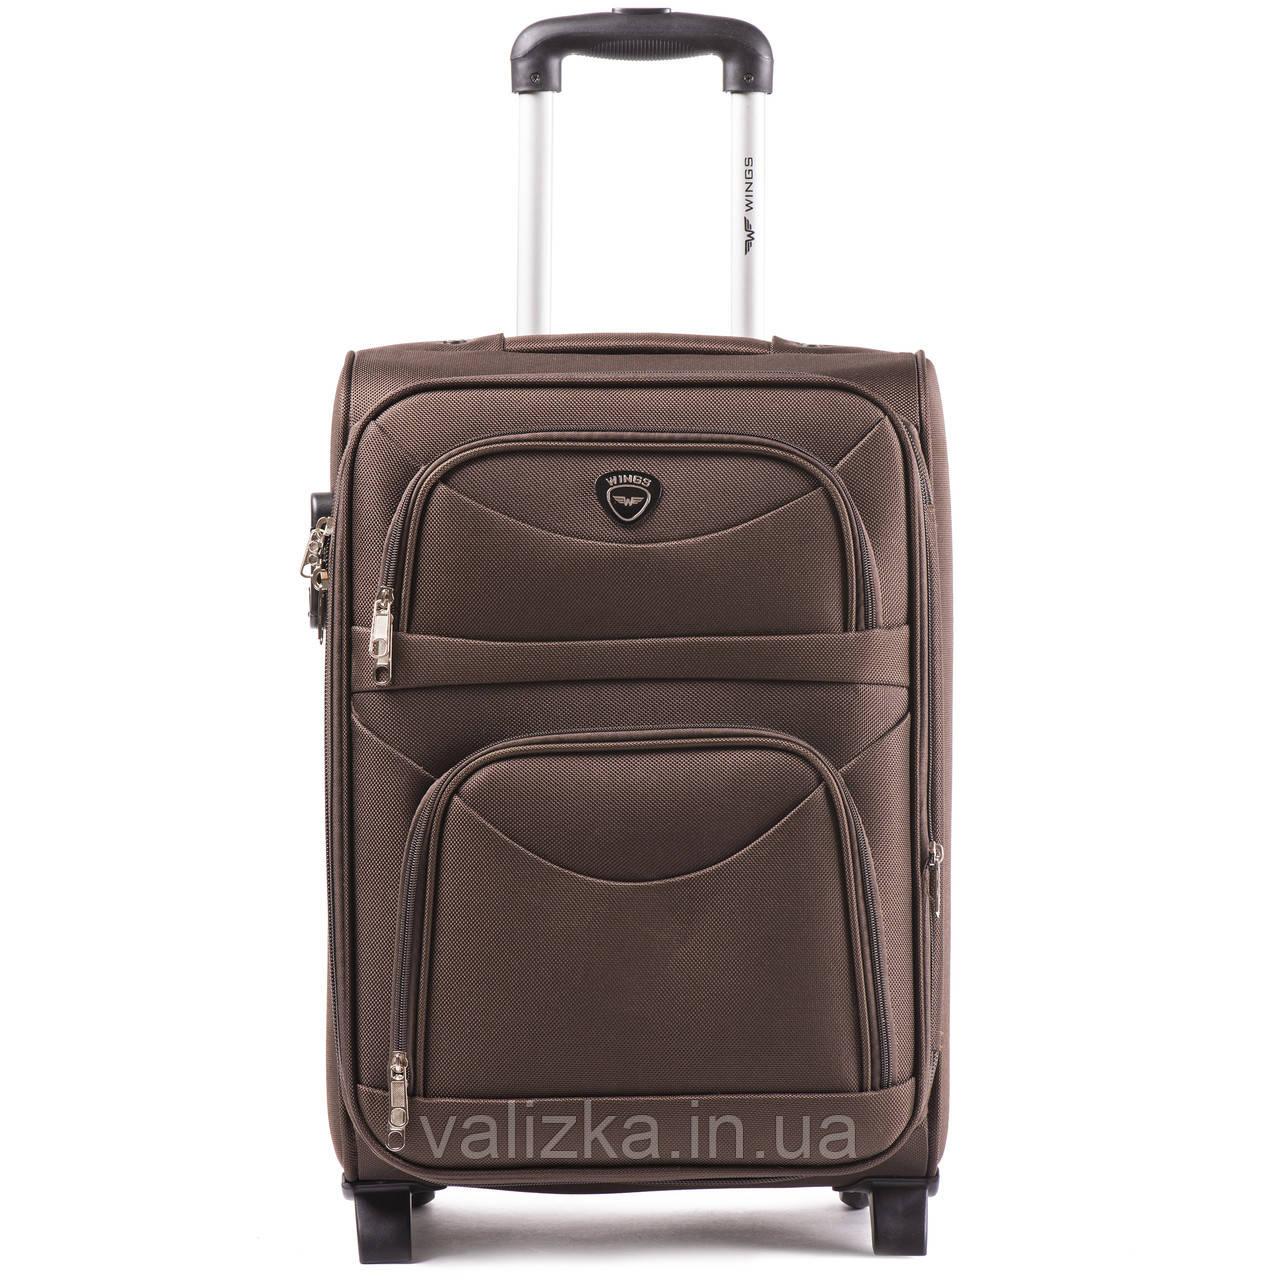 Малый текстильный чемодан коричневый с расширителем Wings 6802-2